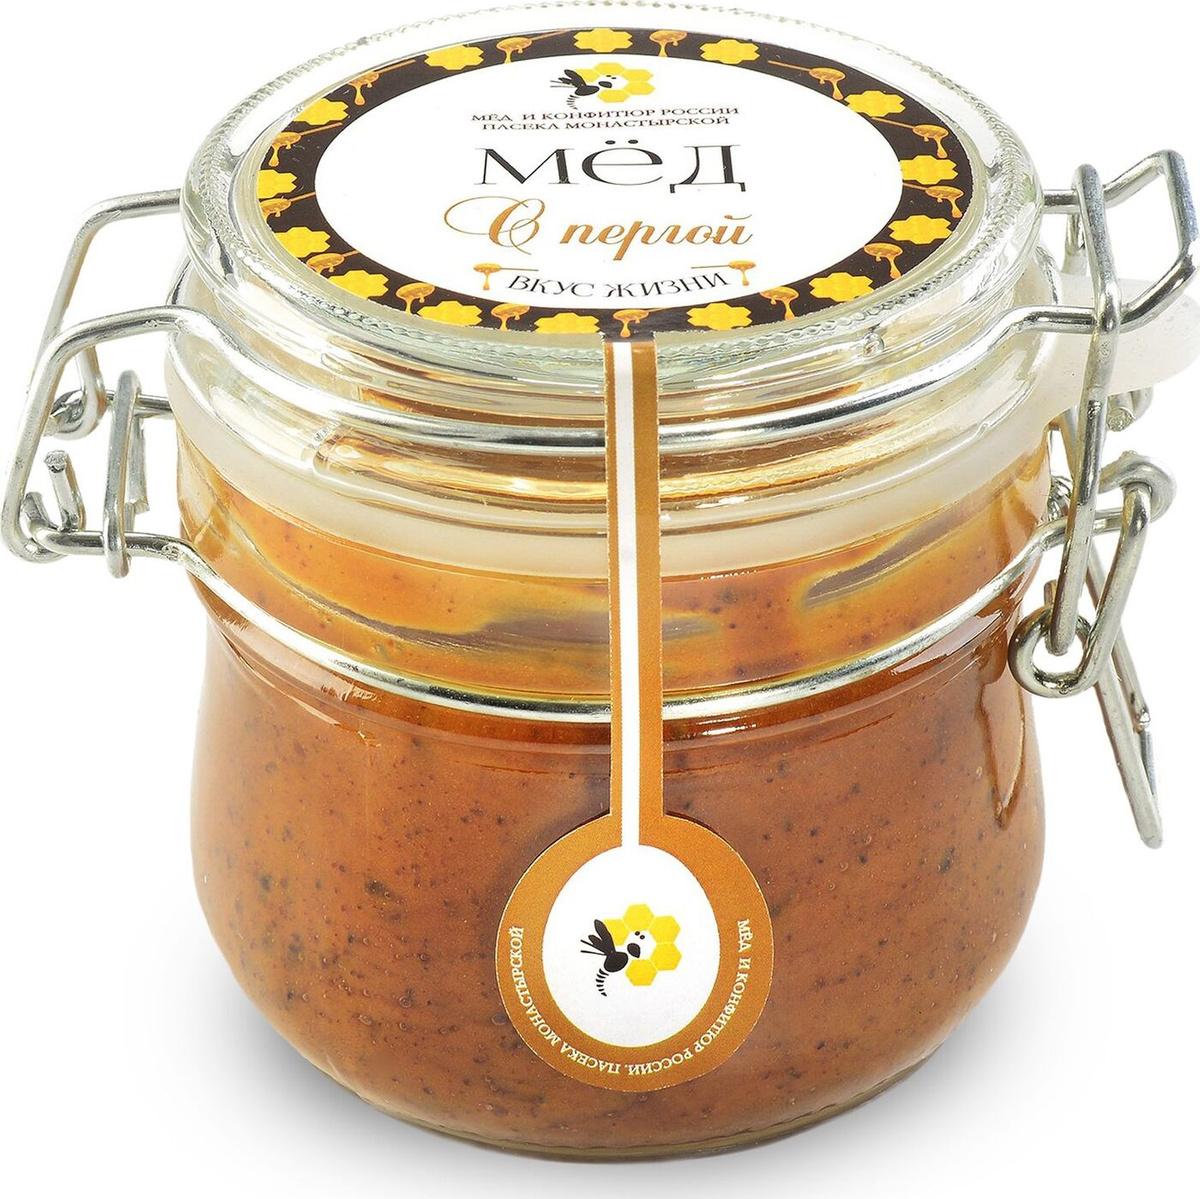 Крем-мед: что это такое и как его сделать в домашних условиях, каков рецепт приготовления?